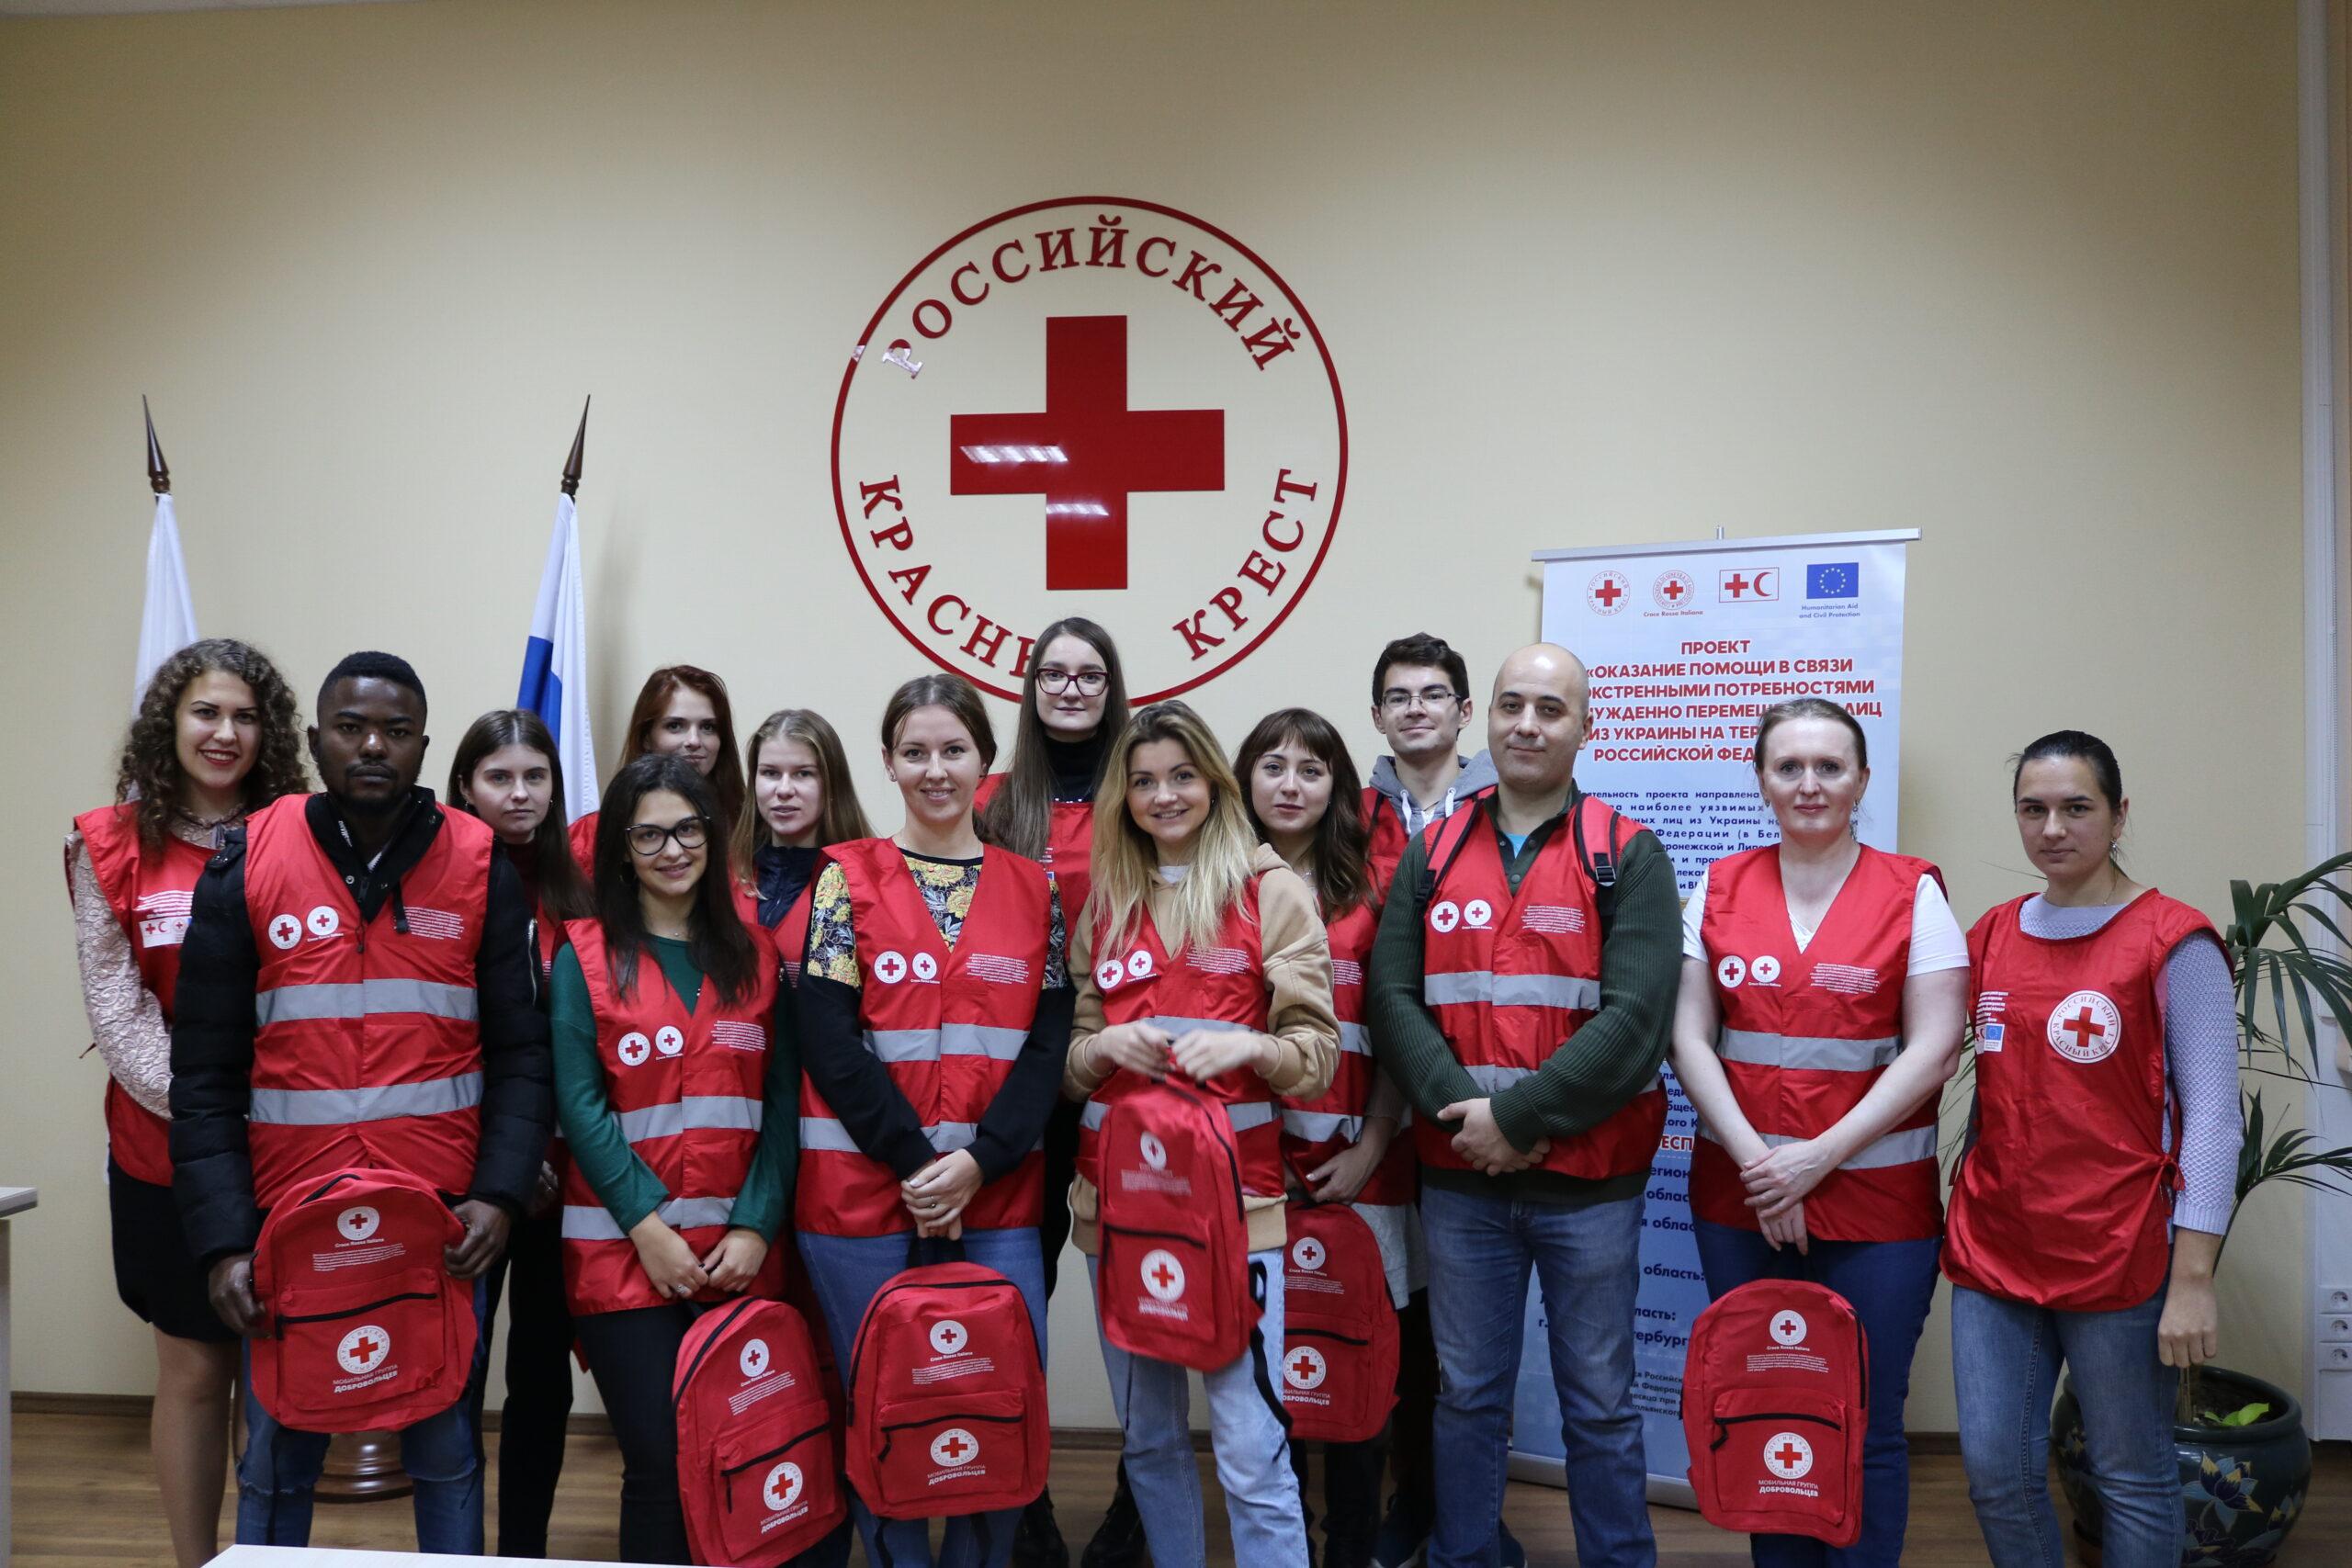 Russia_volunteers (1)